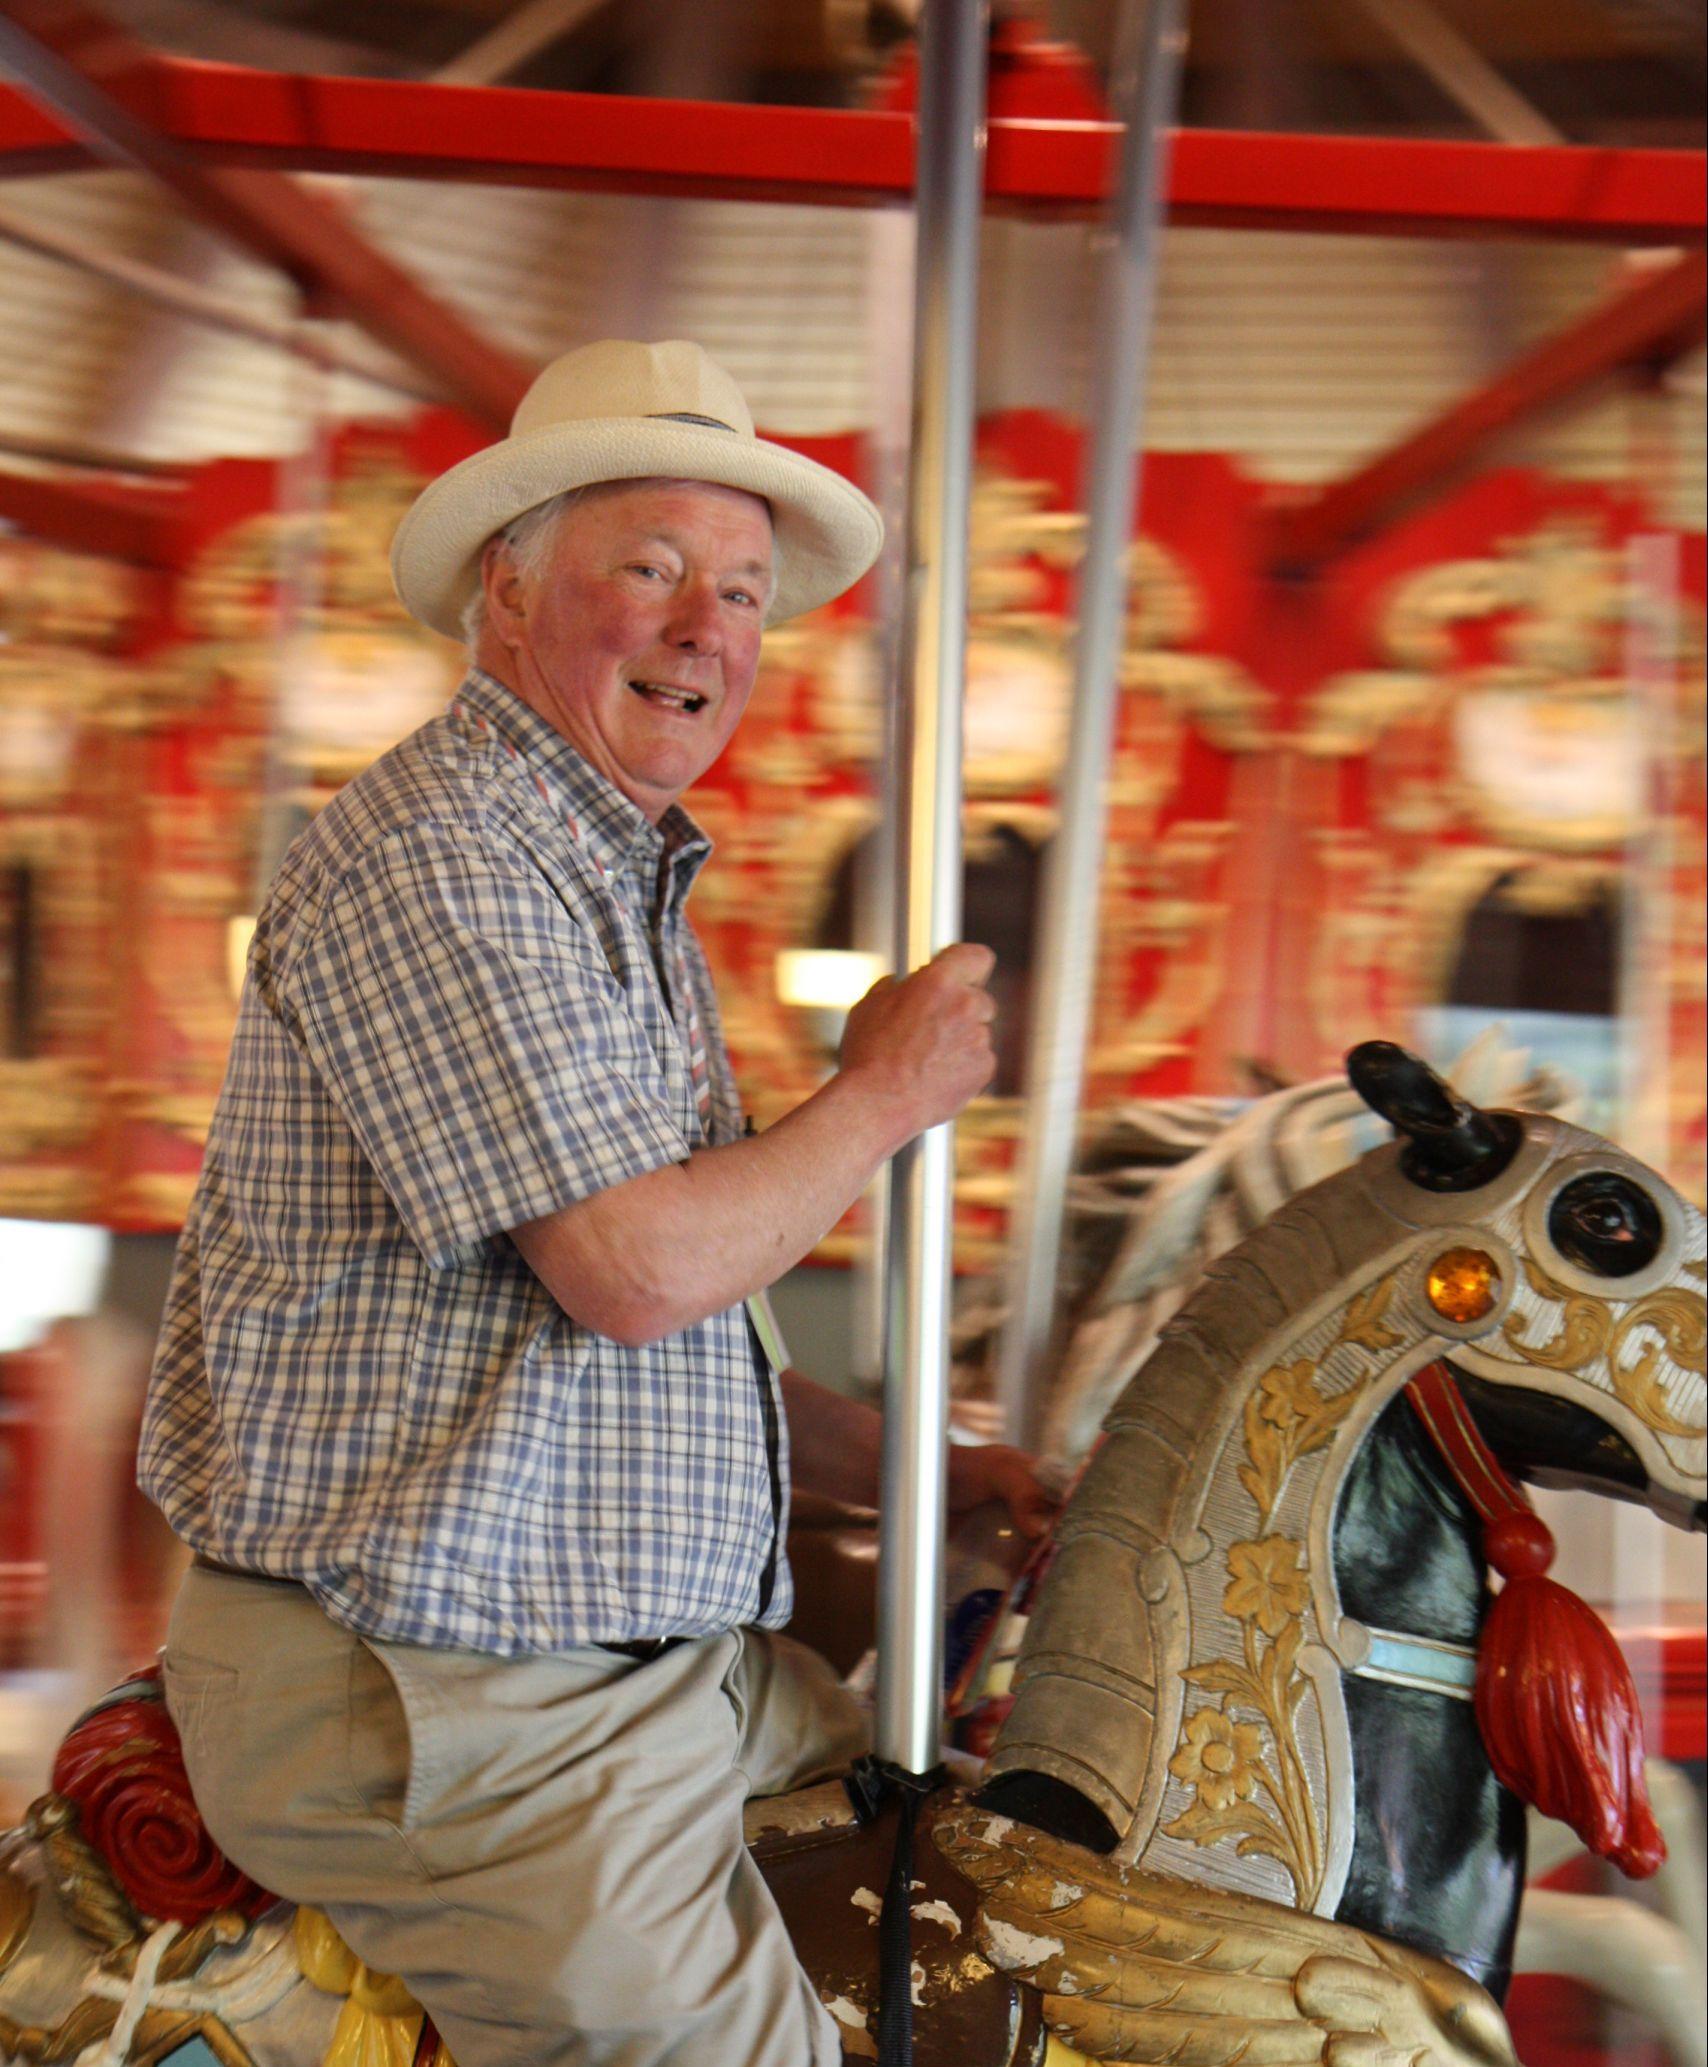 Man on carousel